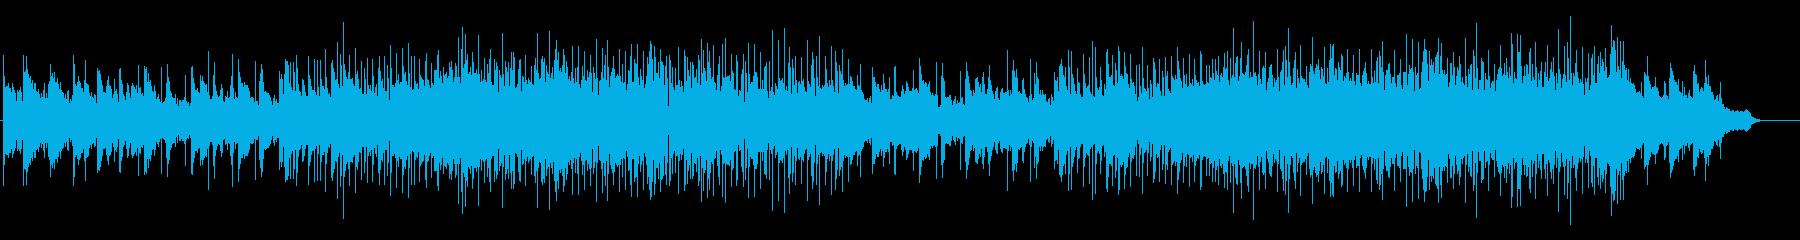 優雅に洗練されたバラード・ナンバーの再生済みの波形